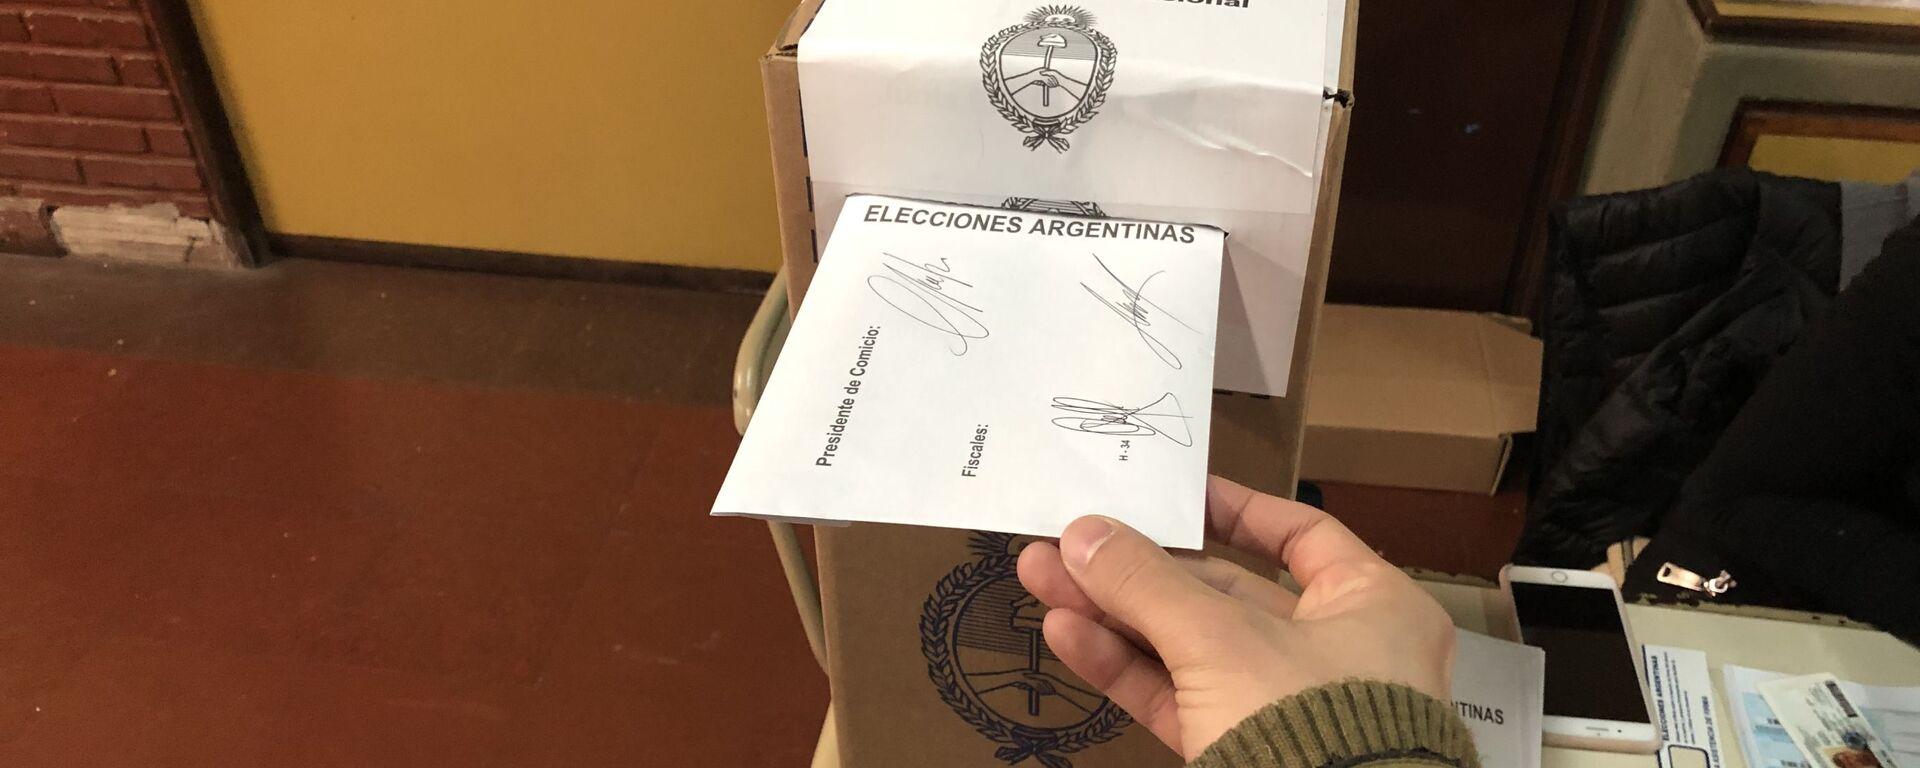 Las elecciones Primarias Abiertas Simultáneas y Obligatorias (PASO) en Argentina - Sputnik Mundo, 1920, 21.07.2021